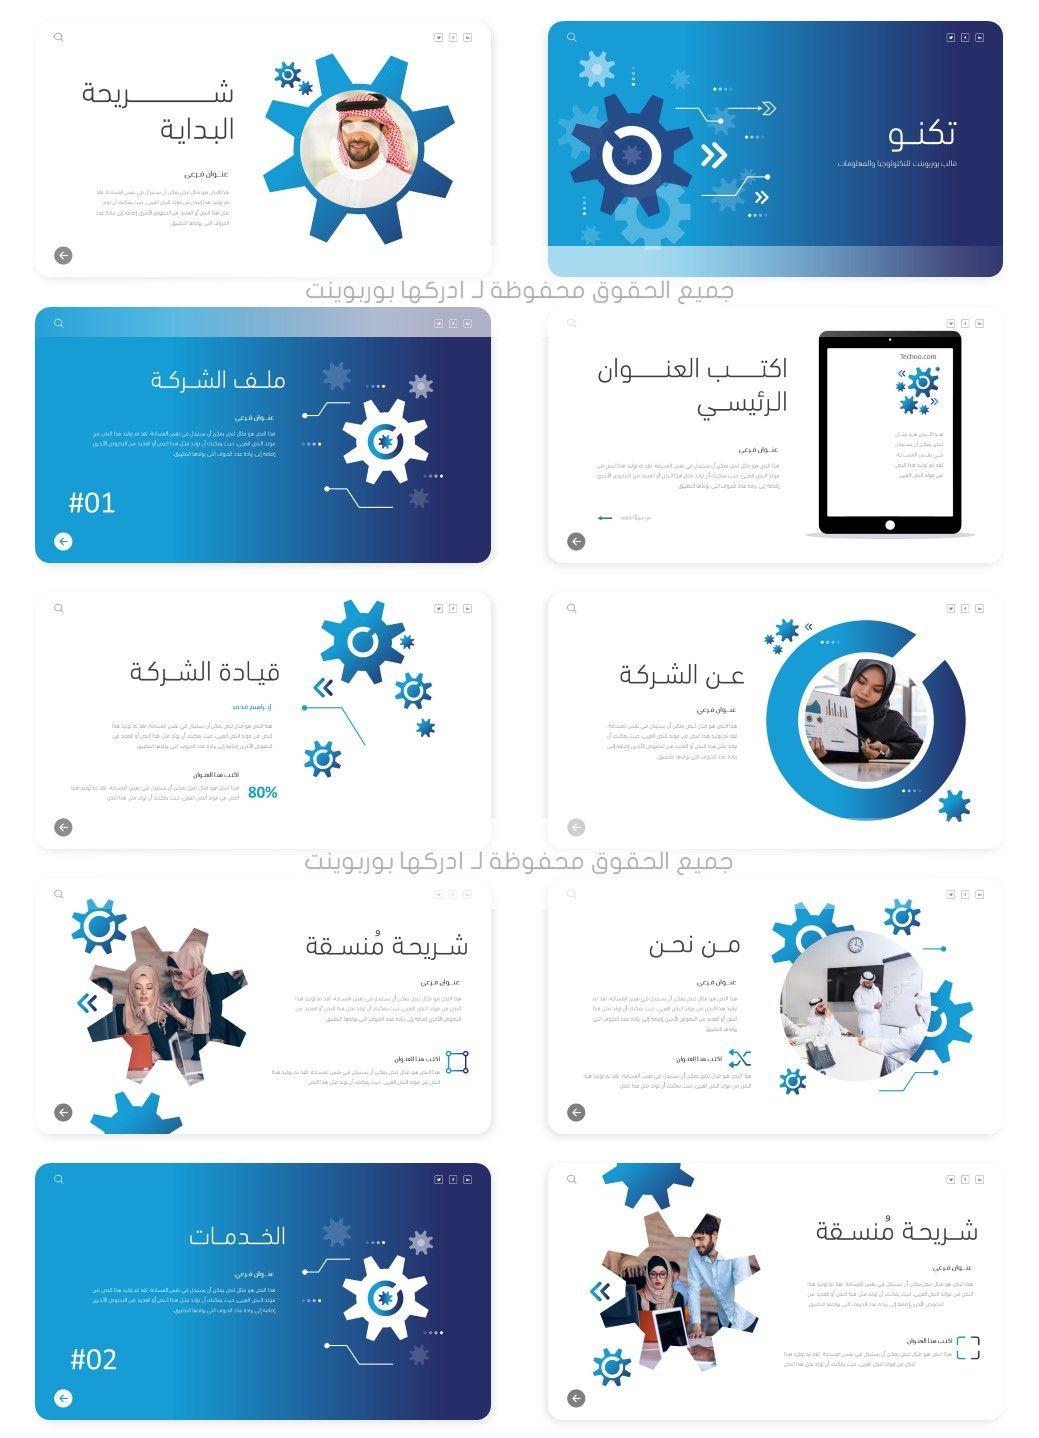 تكنو قالب بوربوينت عربي بزنس للتكنولوجيا والمعلومات ادركها بوربوينت Ppt Animation Techno Templates